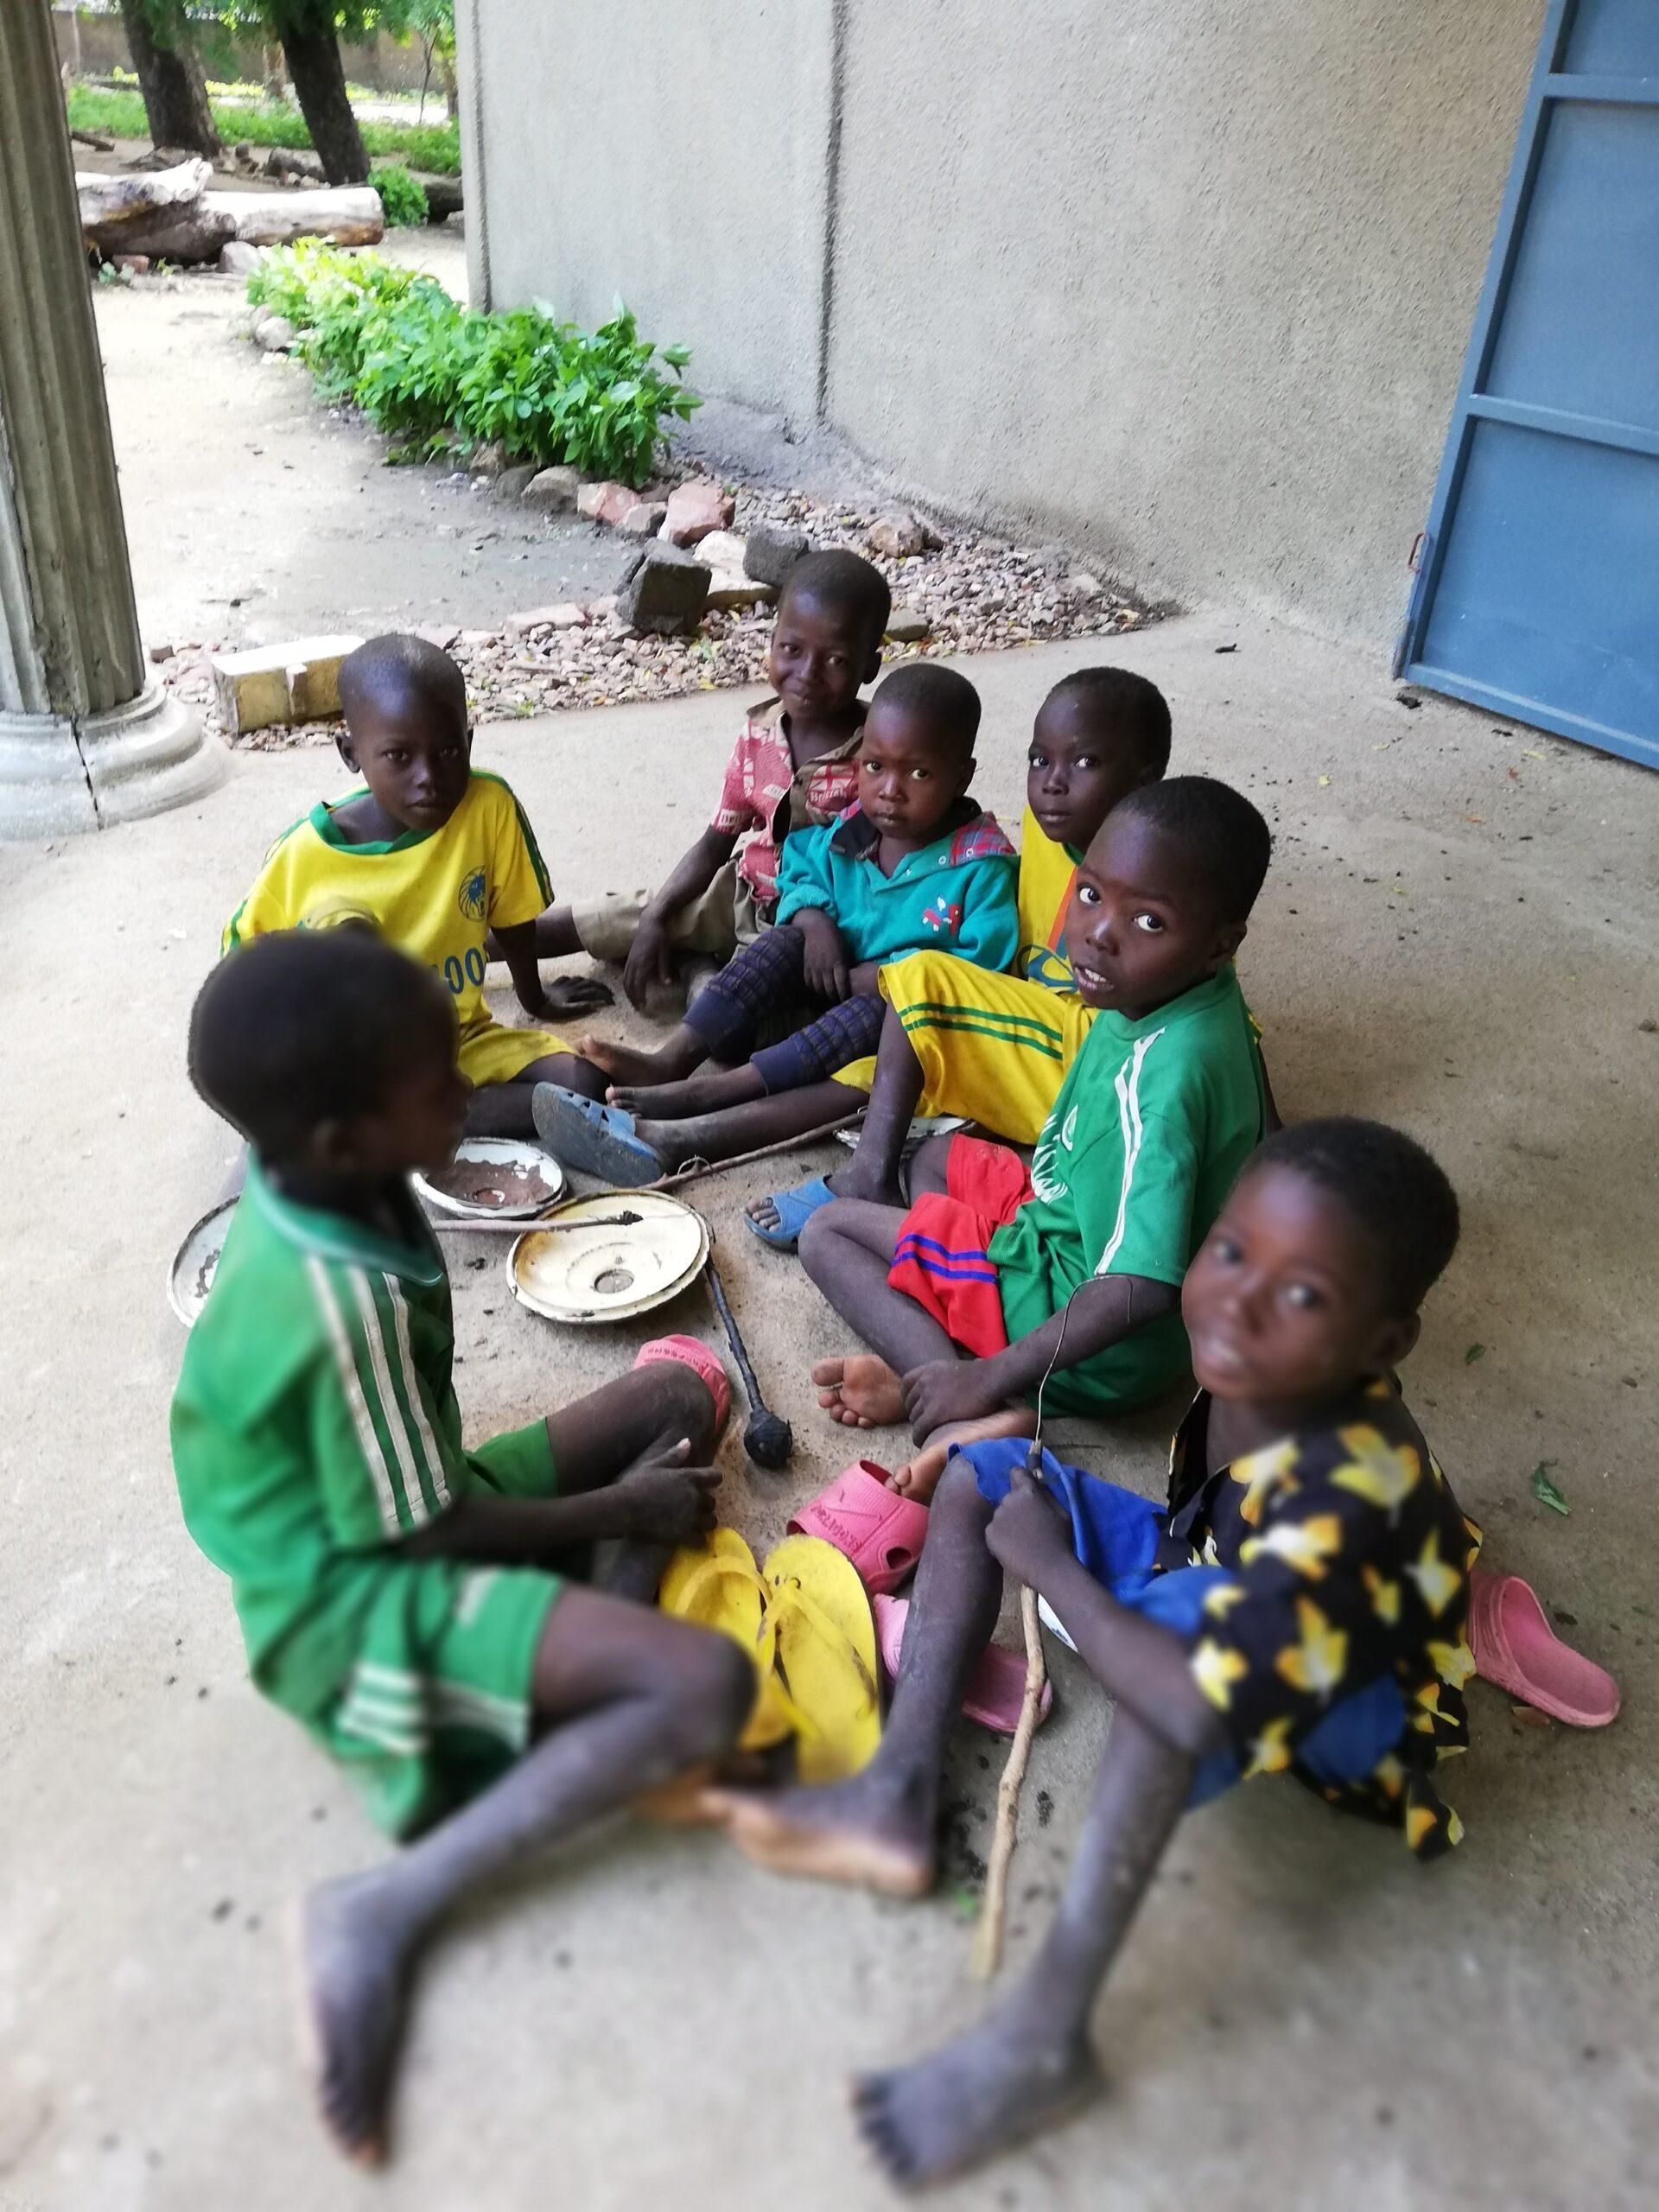 La Savana rifiorirà. Un progetto di Charity per diffondere educazione e cultura